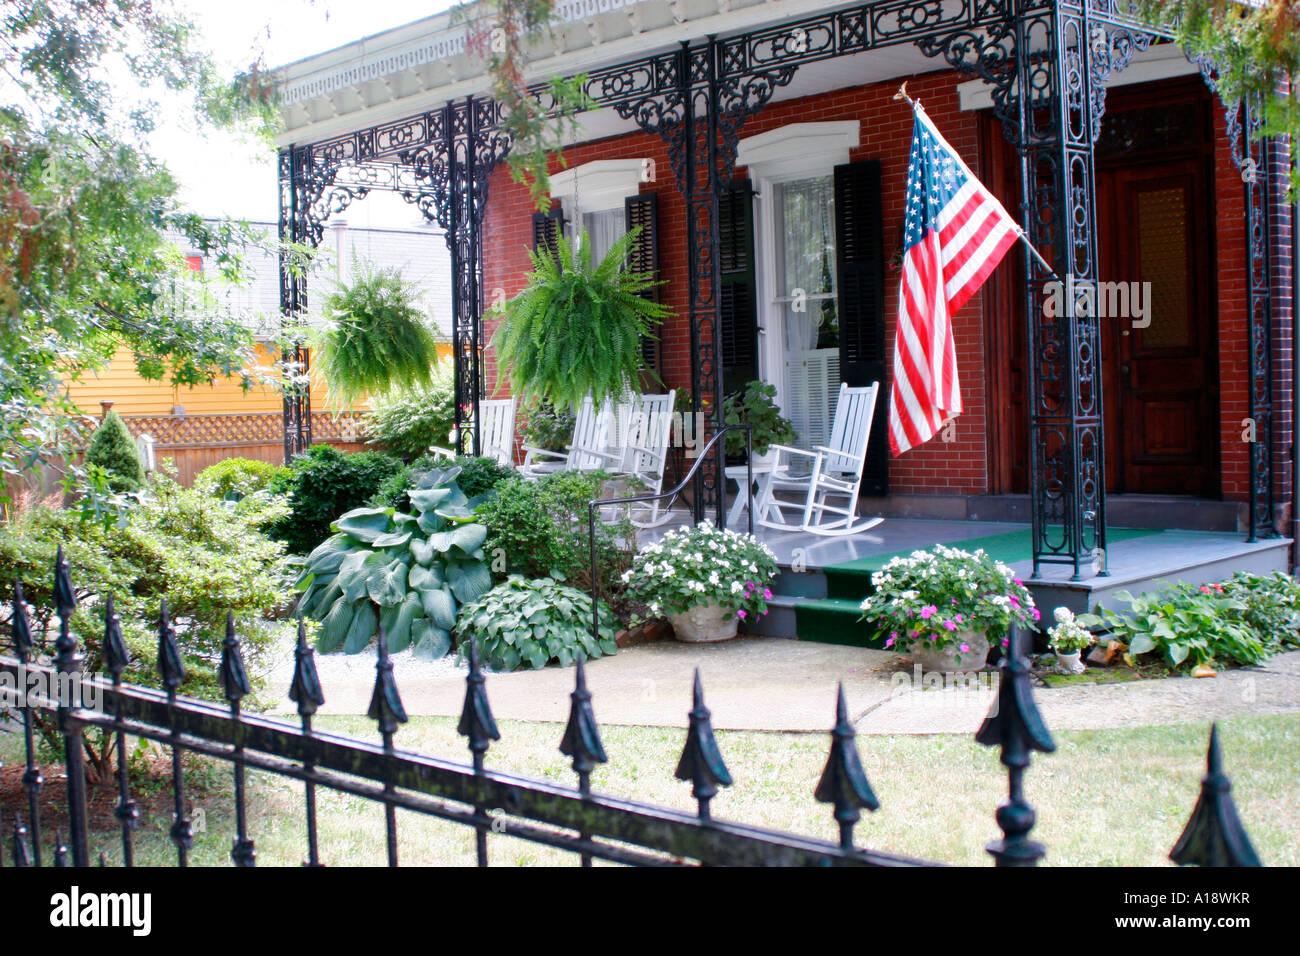 Casa colonial con cercas de hierro forjado y la bandera americana ...